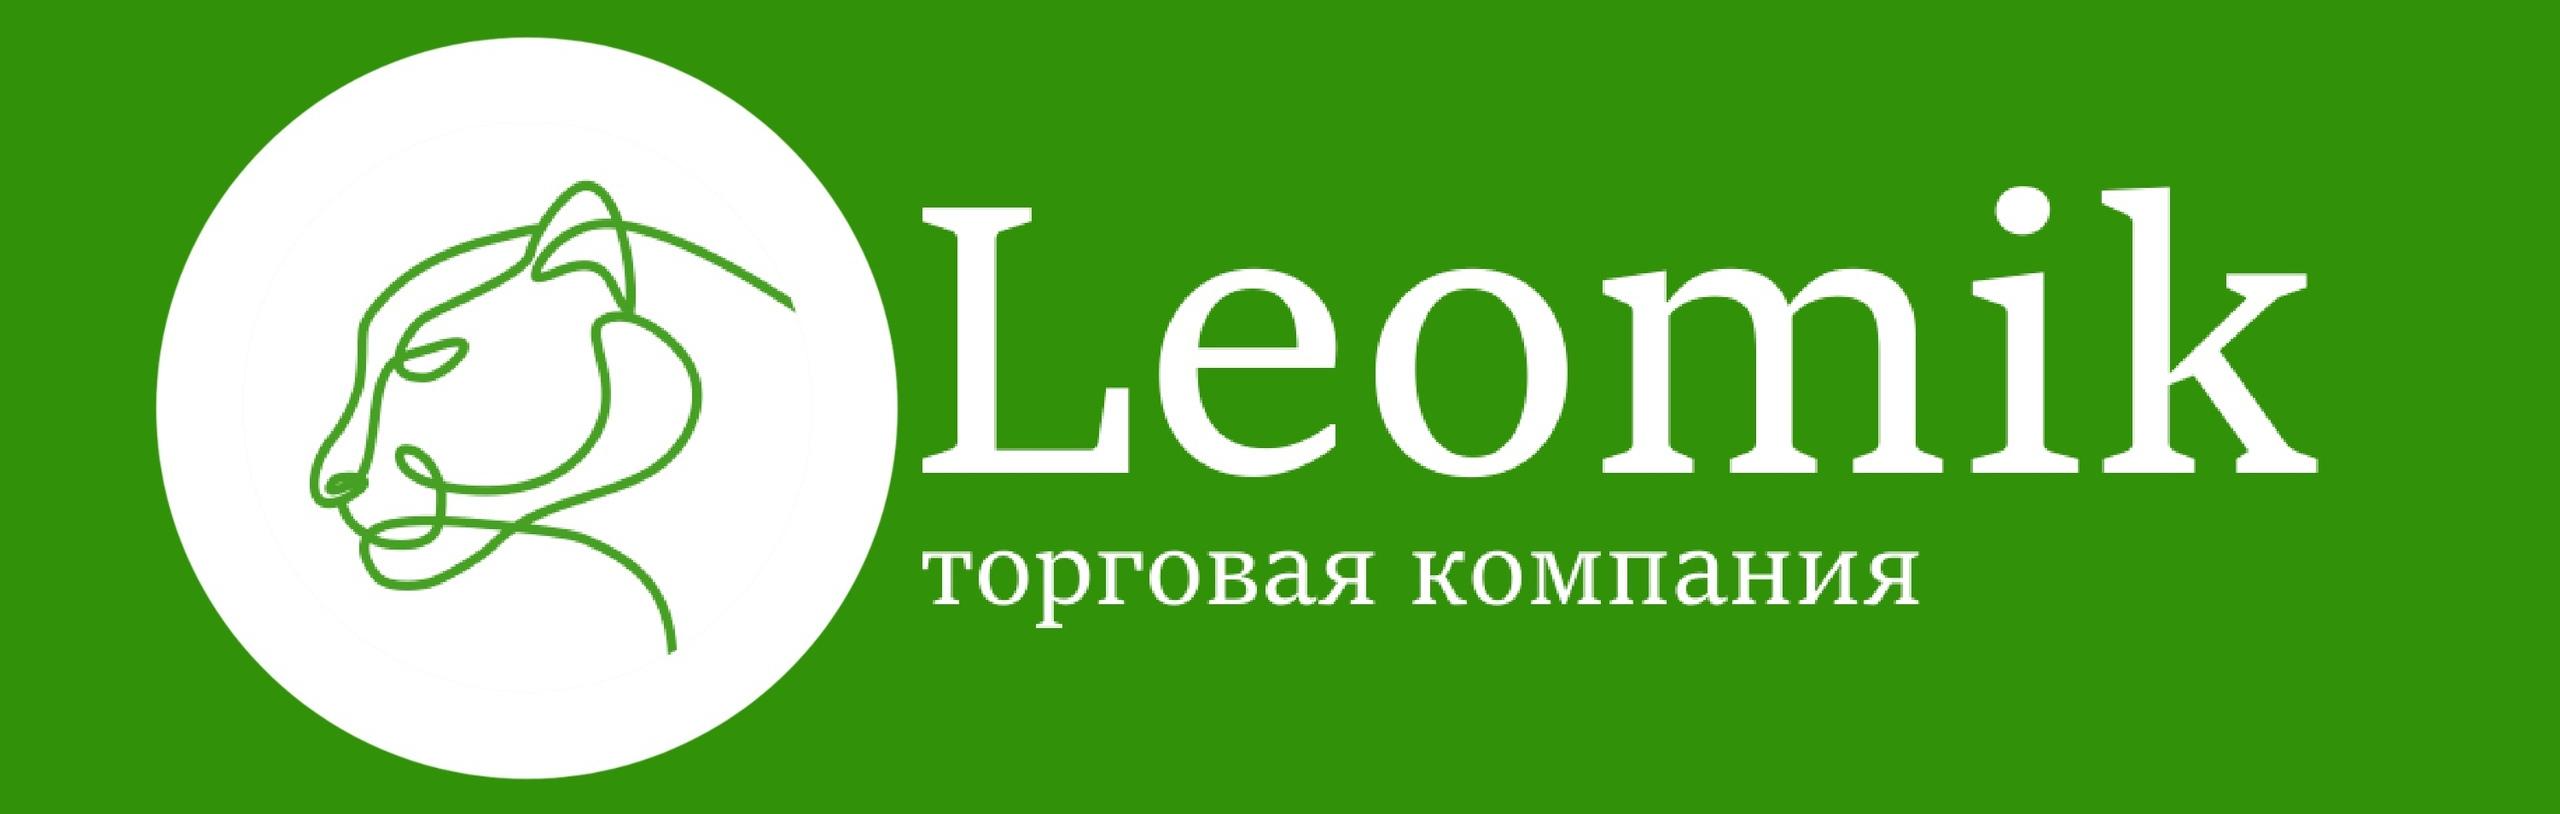 Leomik